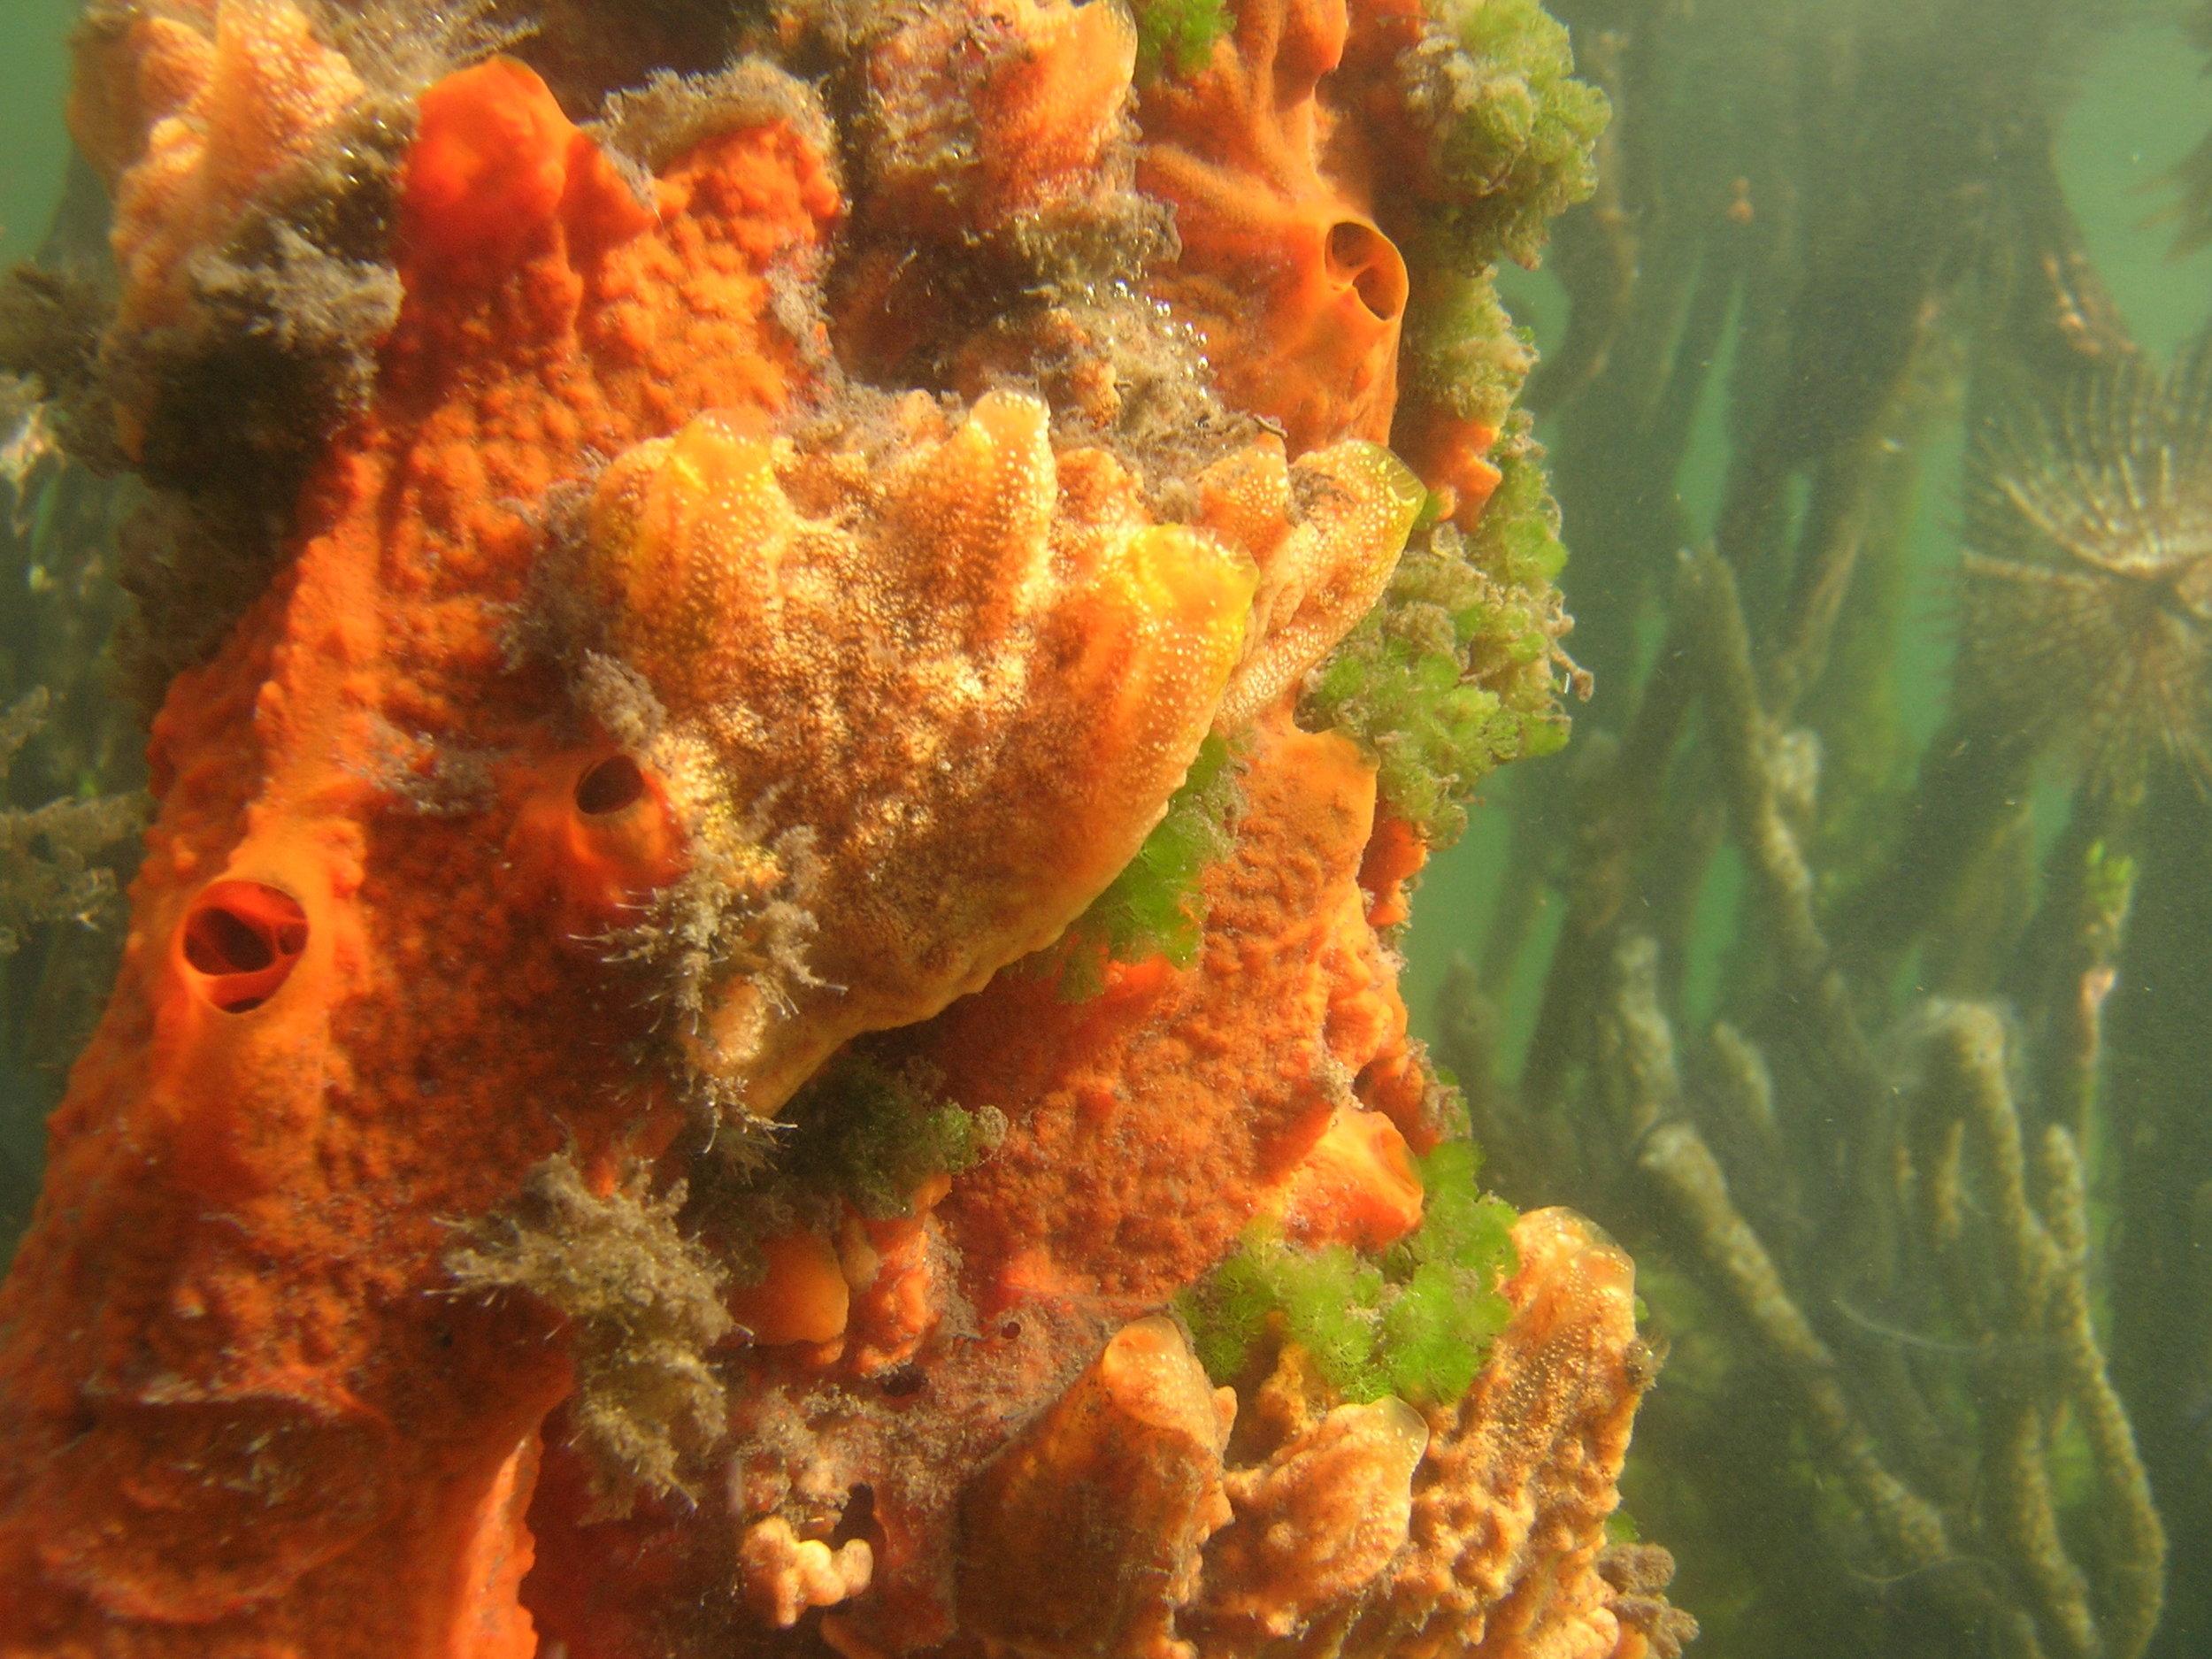 Mangrove sponges in Bocas del Toro, Panama